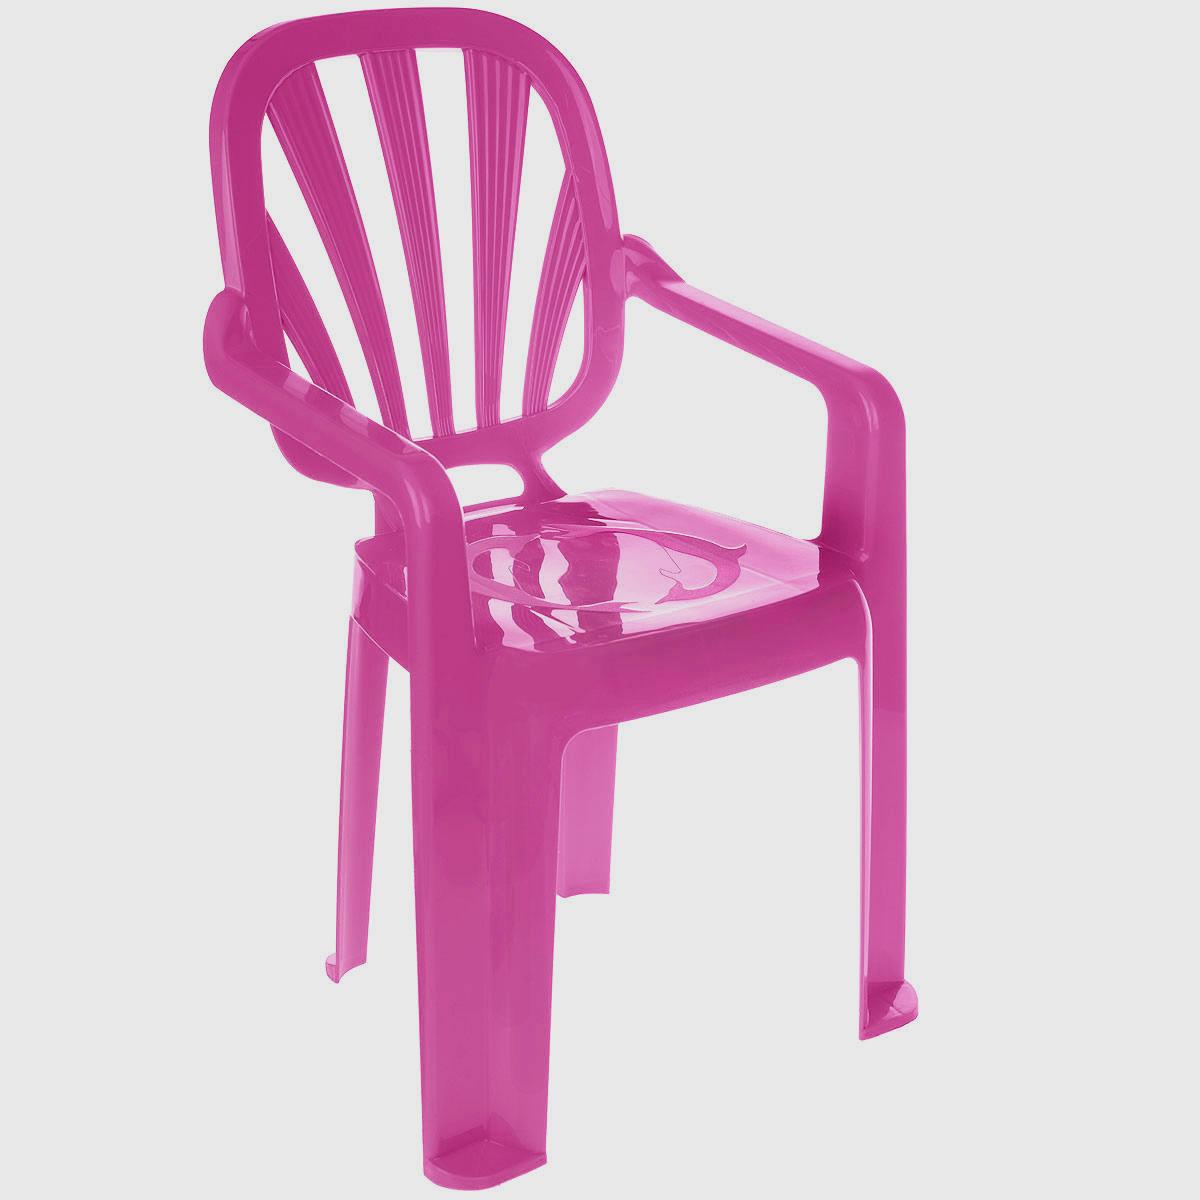 стульчик боровичи стул детский котенок Idea Стульчик детский Арлекино цвет малиновый